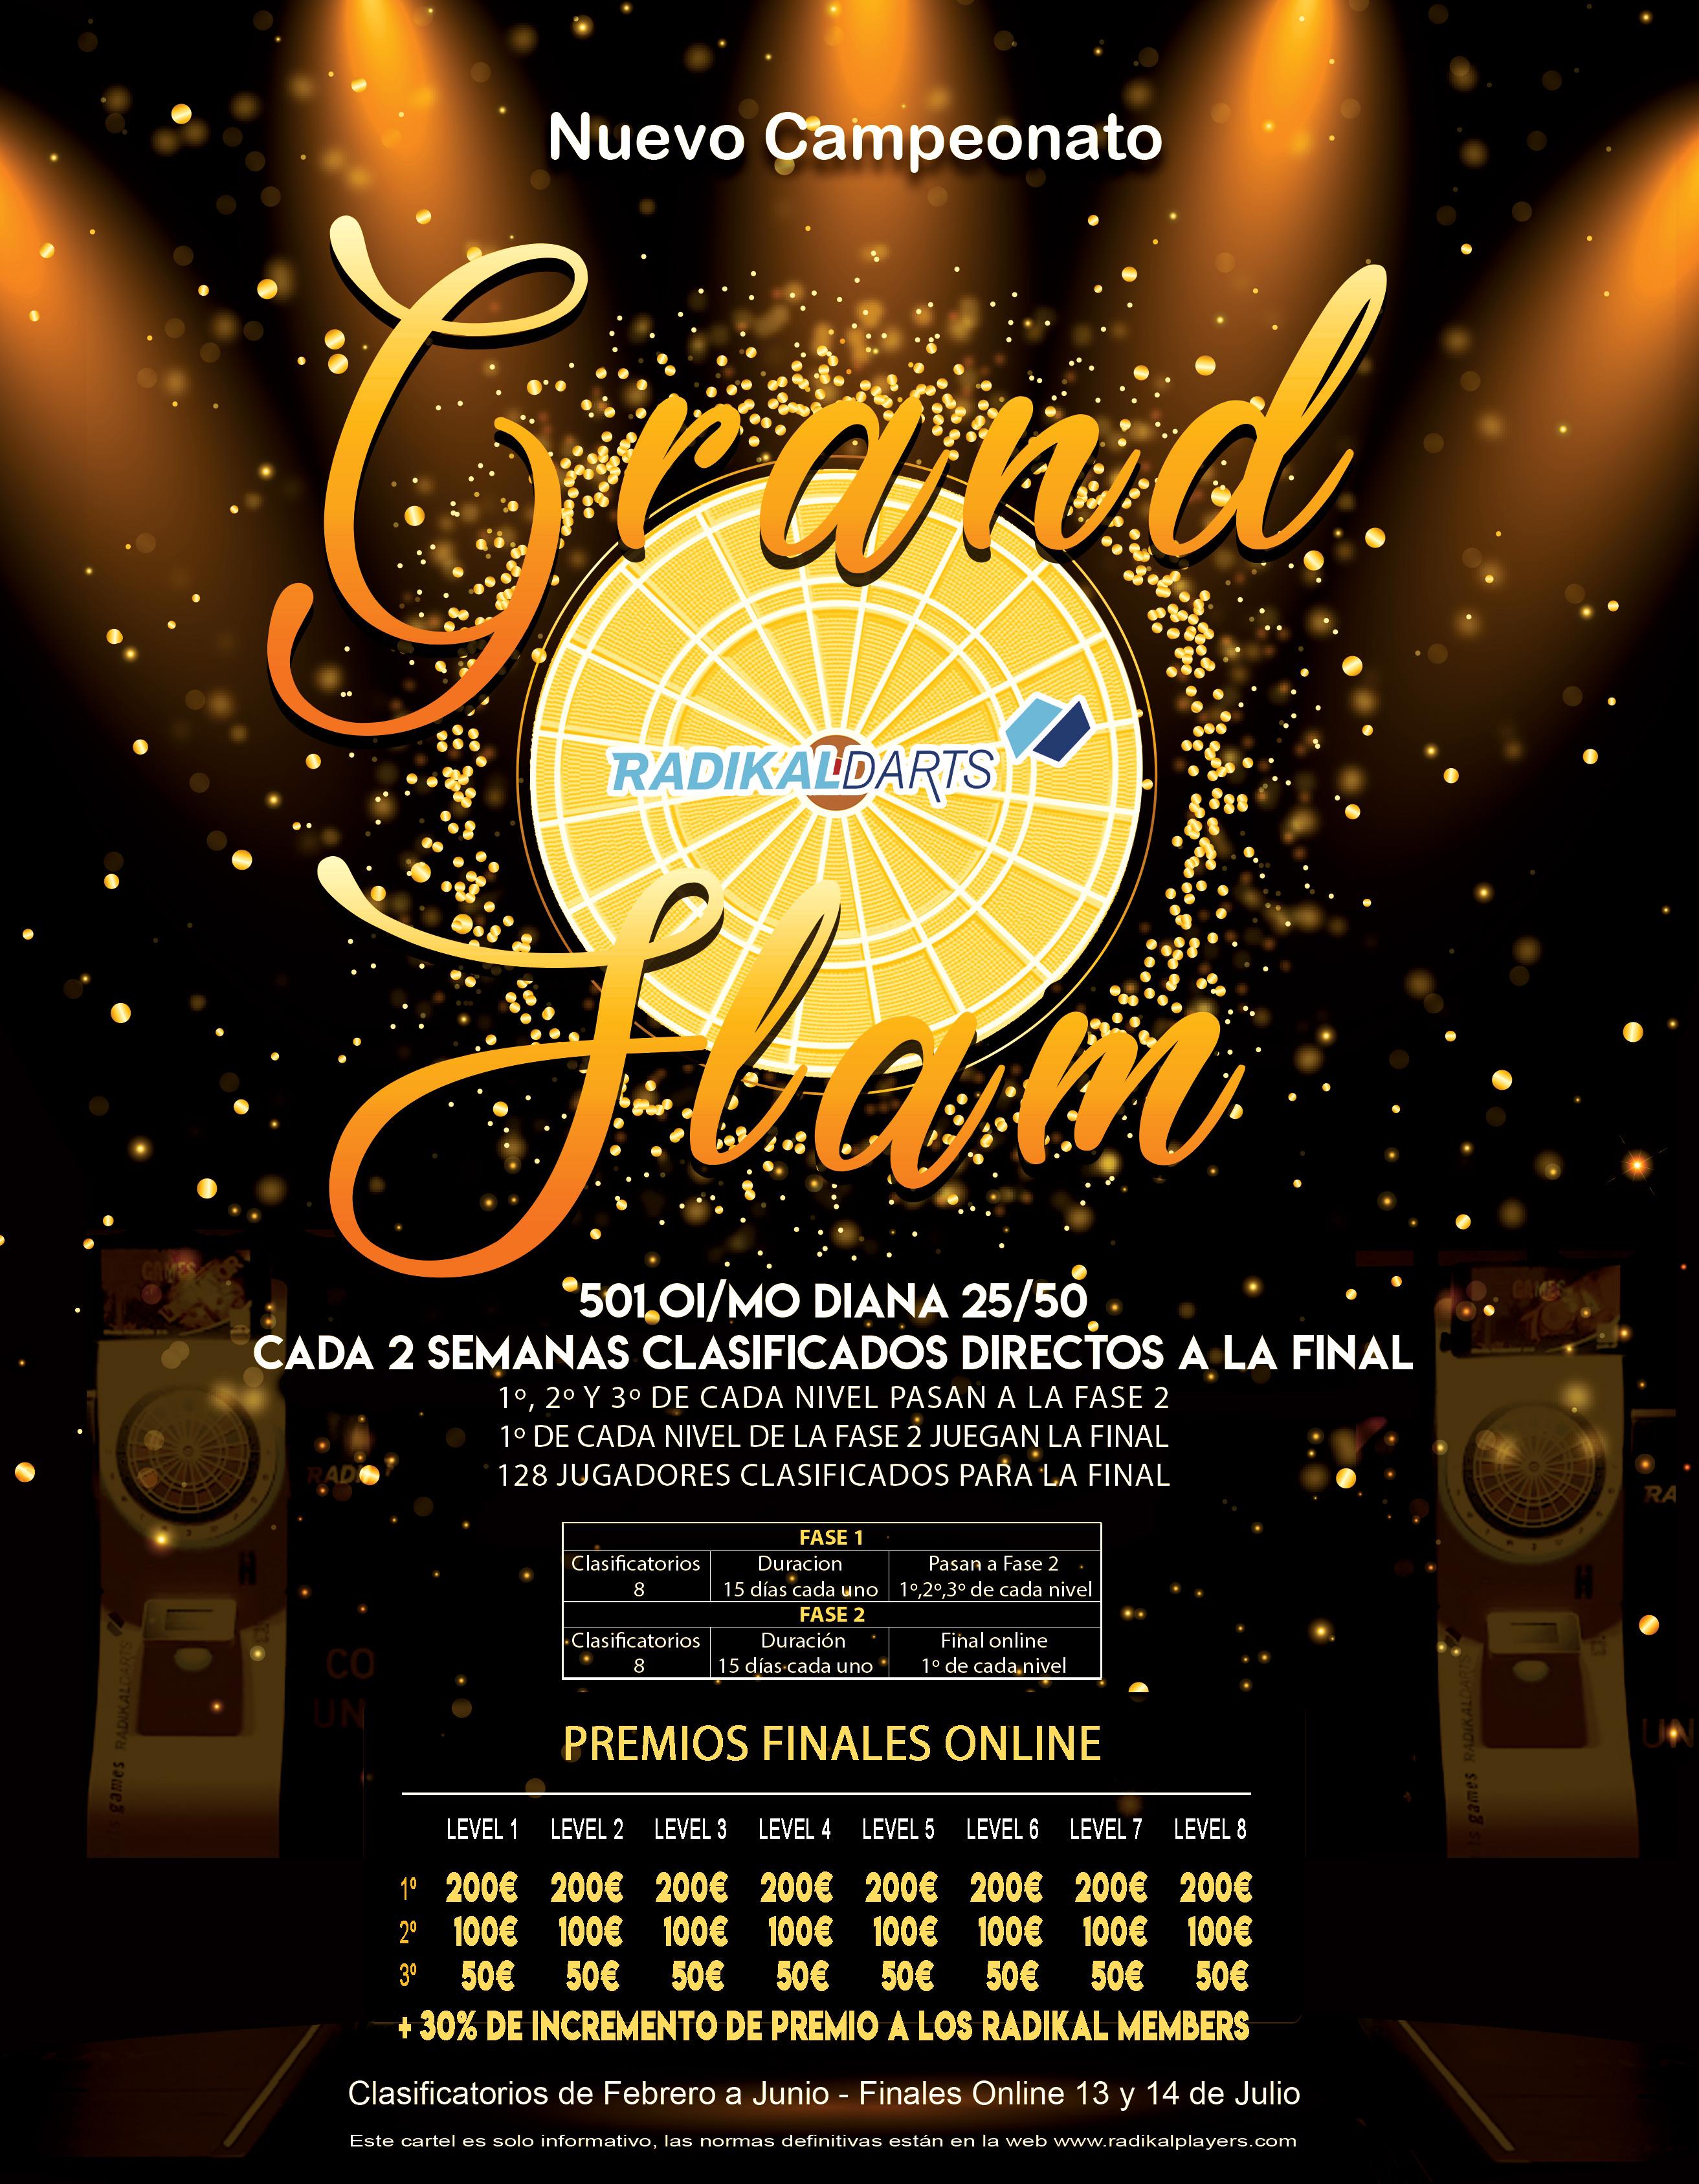 Nuevo Campeonato de dardos Online El Grand Slam de RadikalDarts